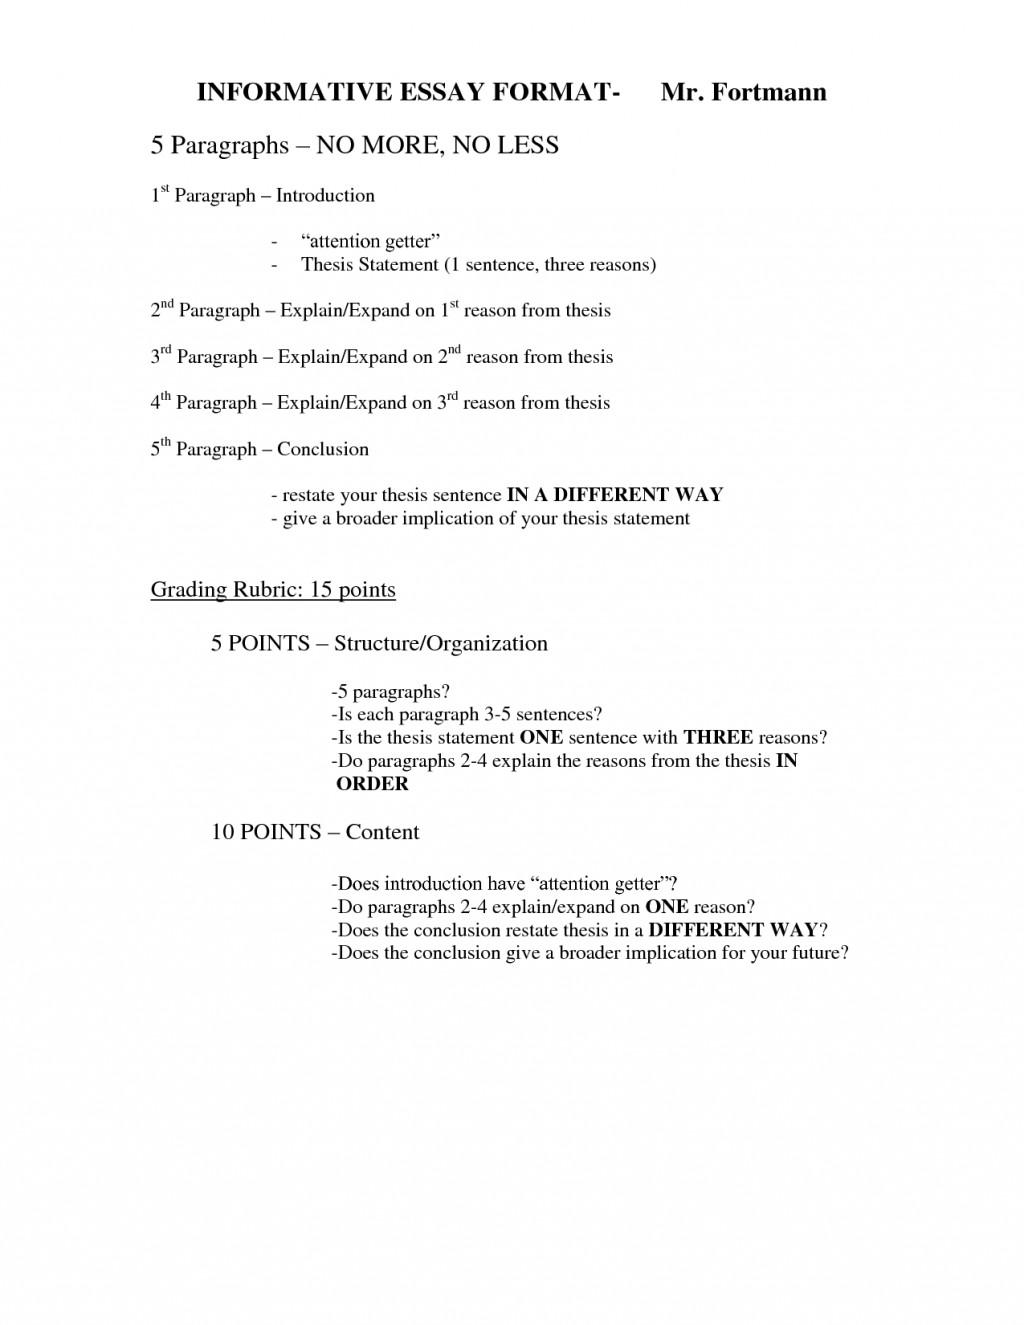 009 Outline Of An Essay Sensational Argumentative Sample Co Education Pdf Large